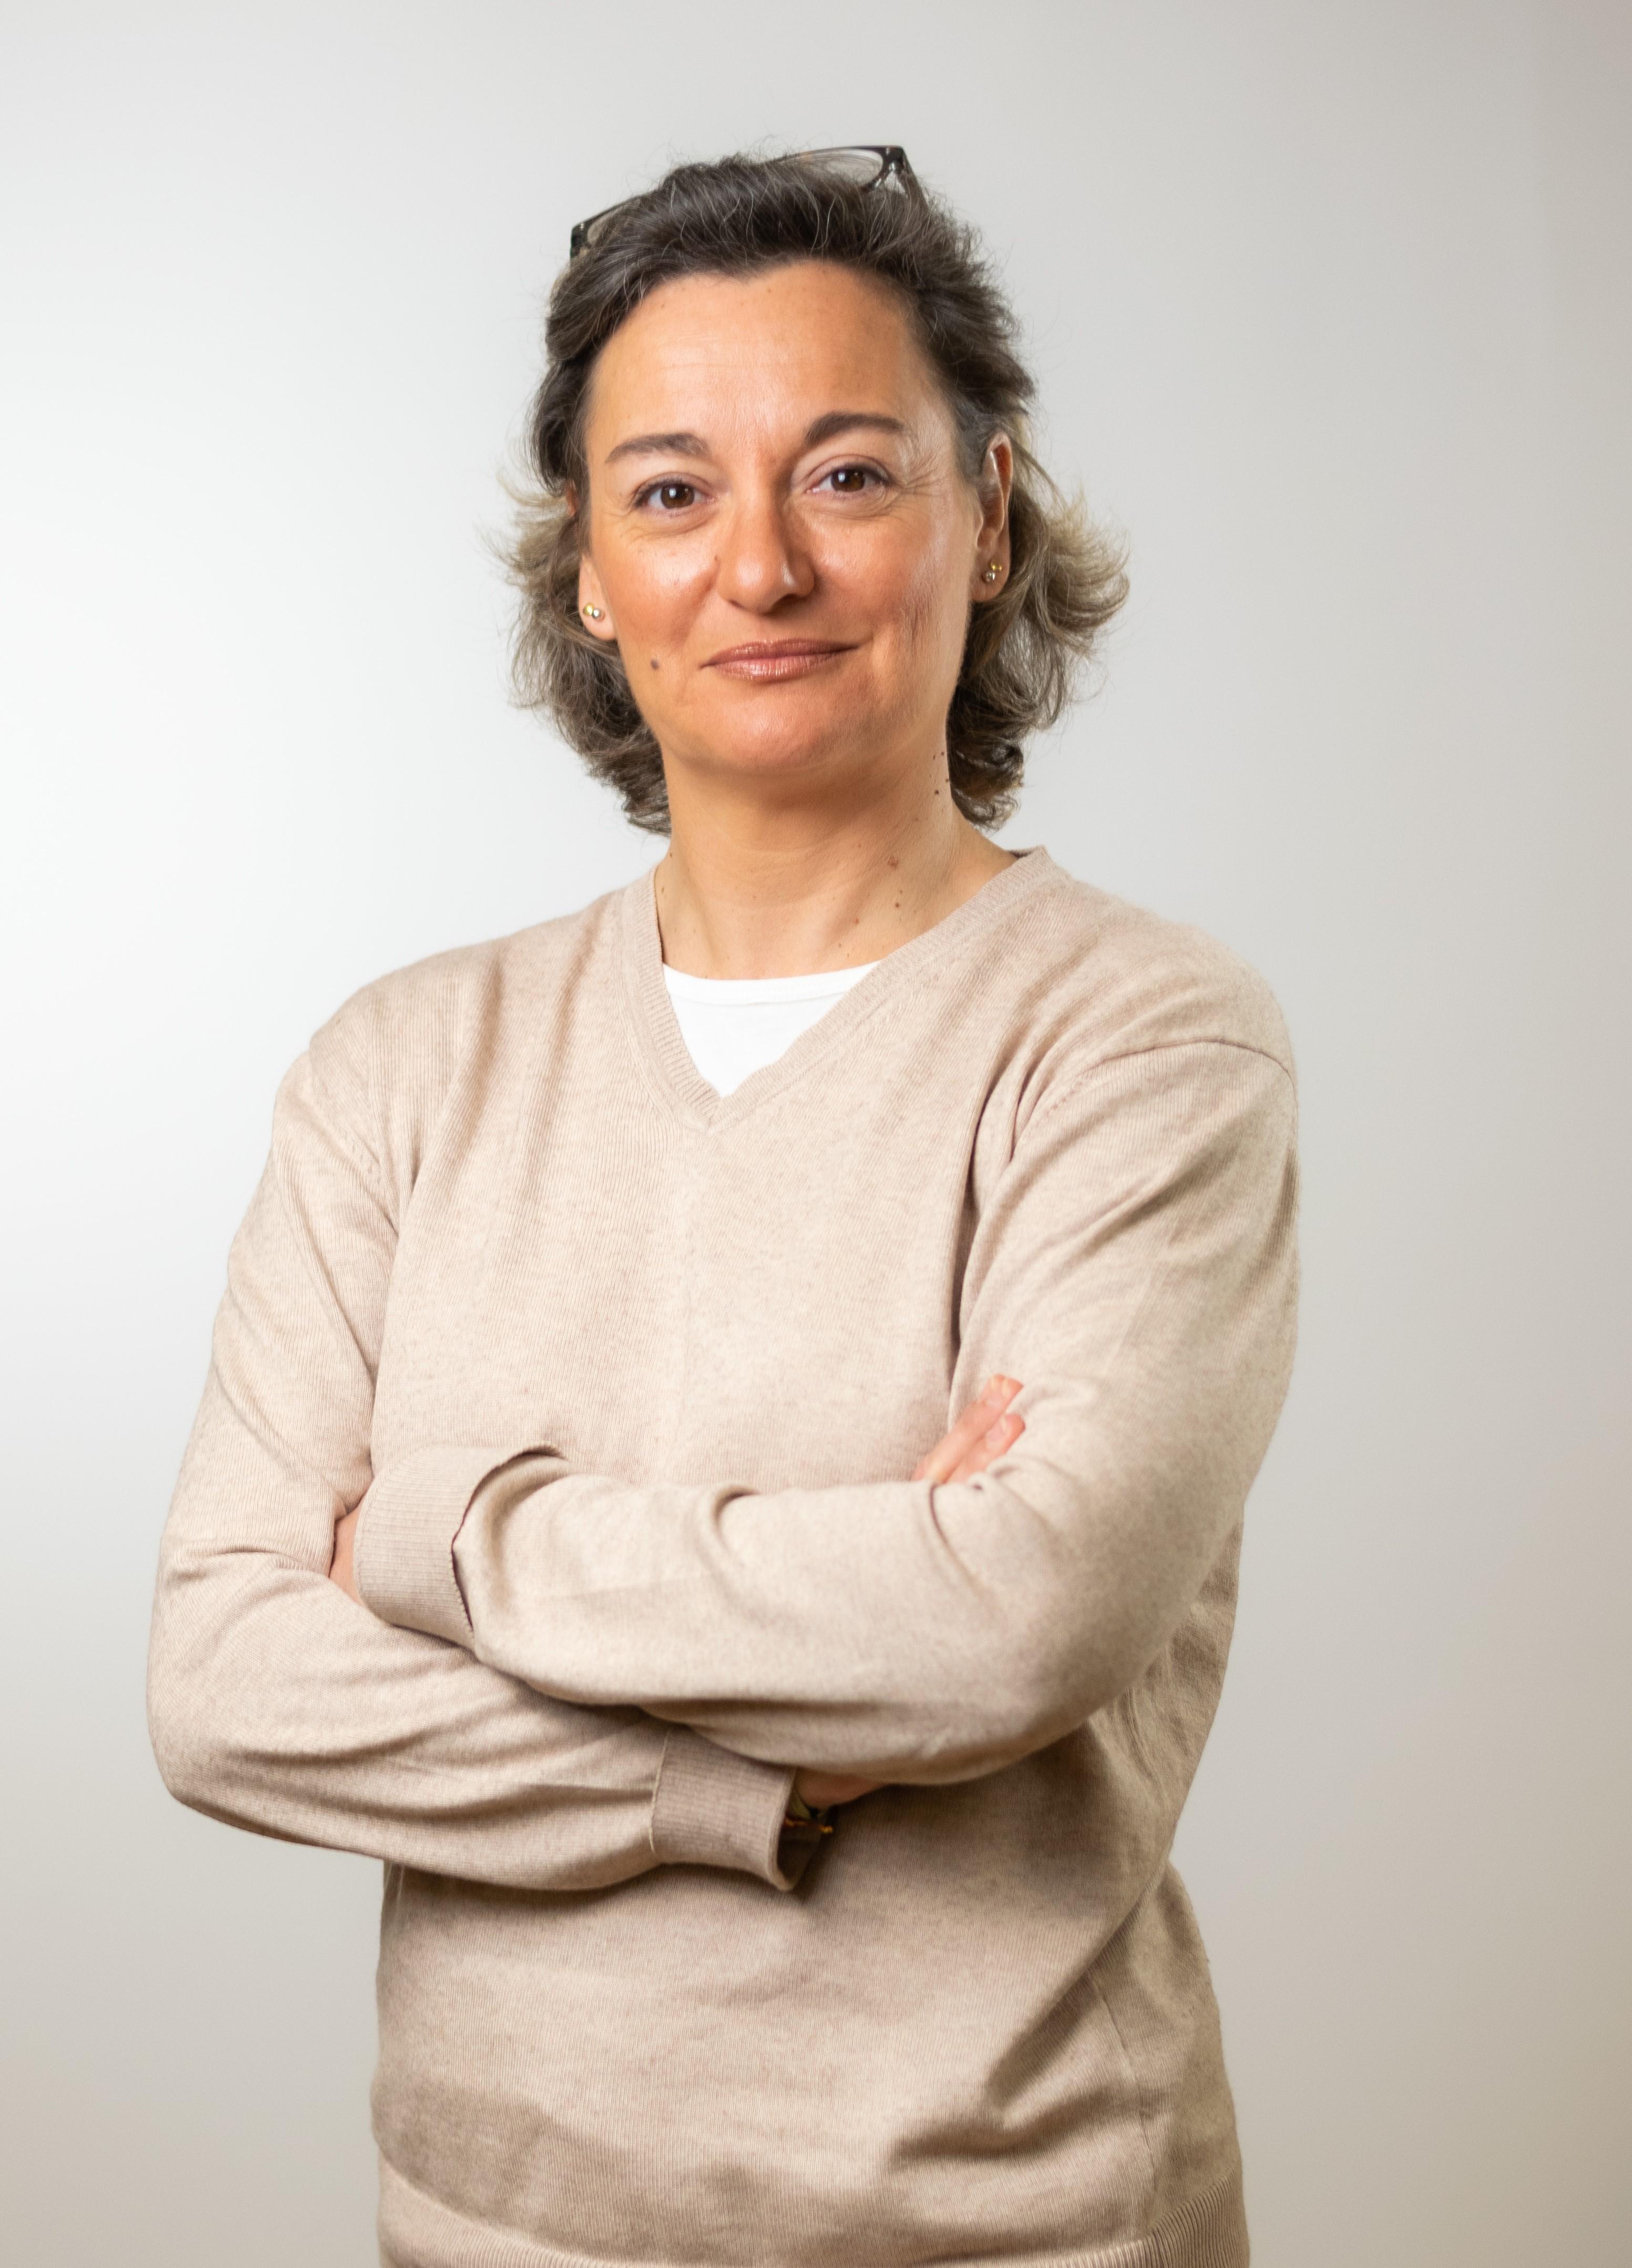 Alejandra Ruiz-Hermosilla Sobrino